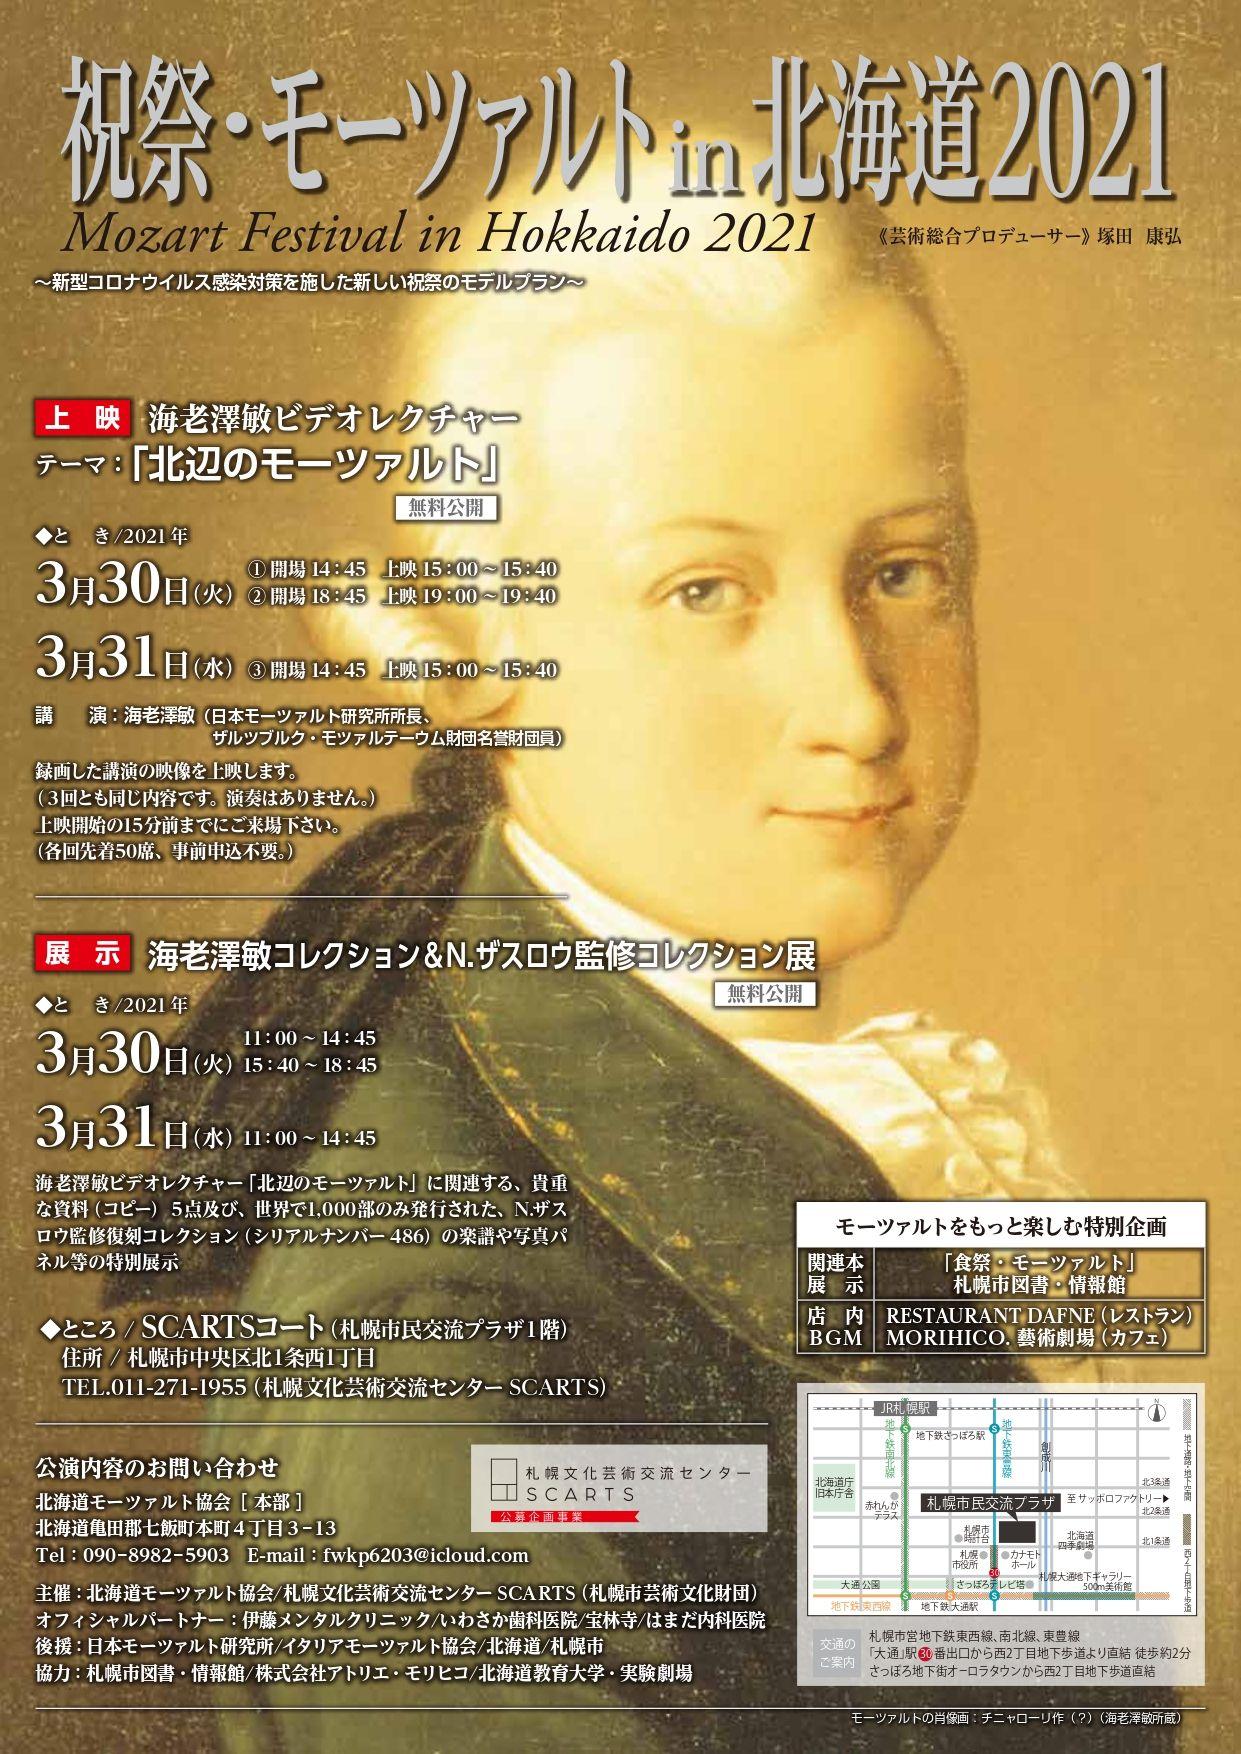 祝祭・モーツァルト in 北海道2021 イメージ画像